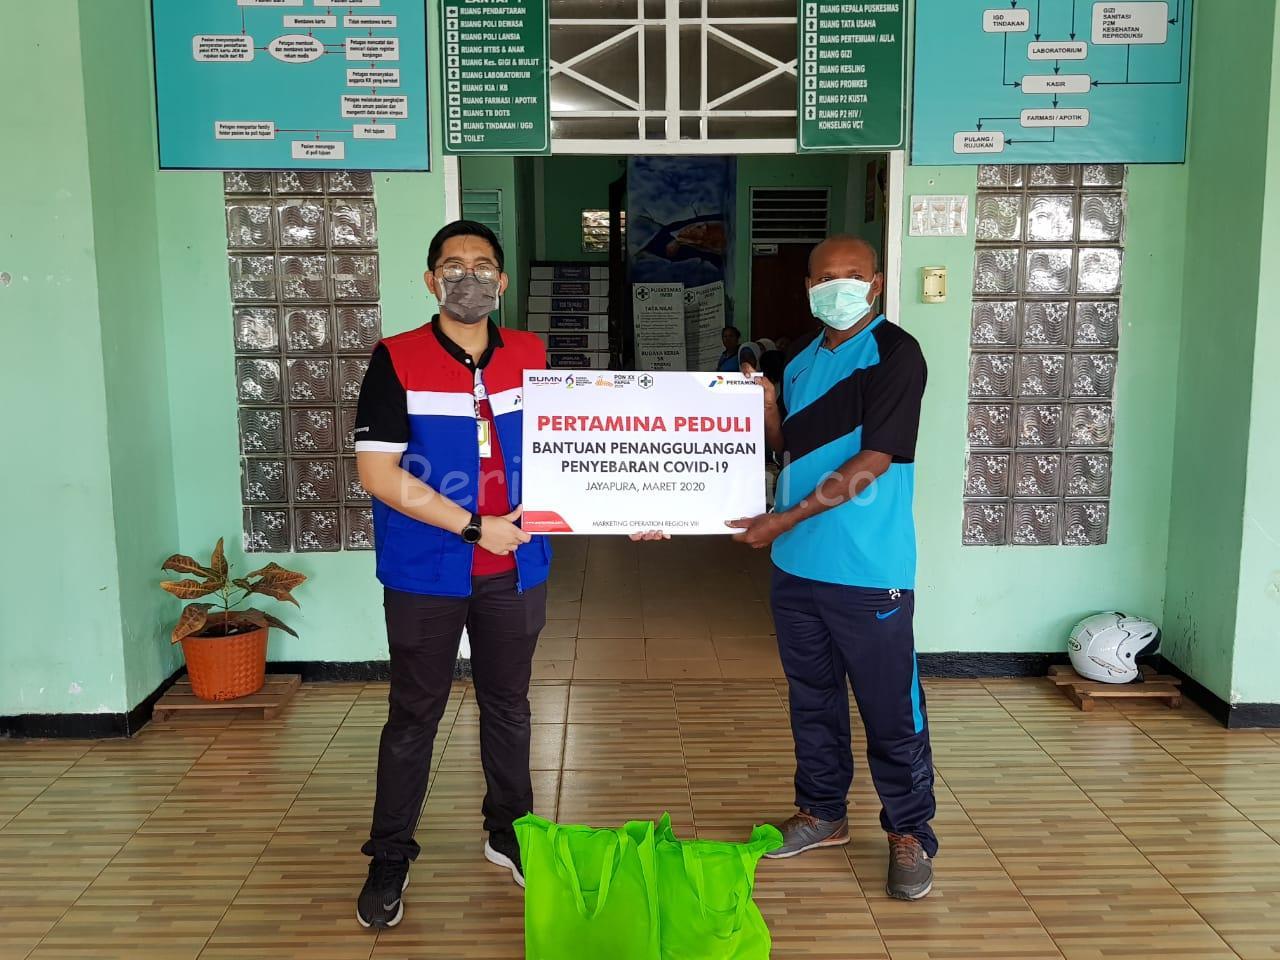 Peduli Cegah Corona, Pertamina Serahkan 200 Paket Bantuan di Puskesmas Imbi Jayapura 10 IMG 20200320 WA0118